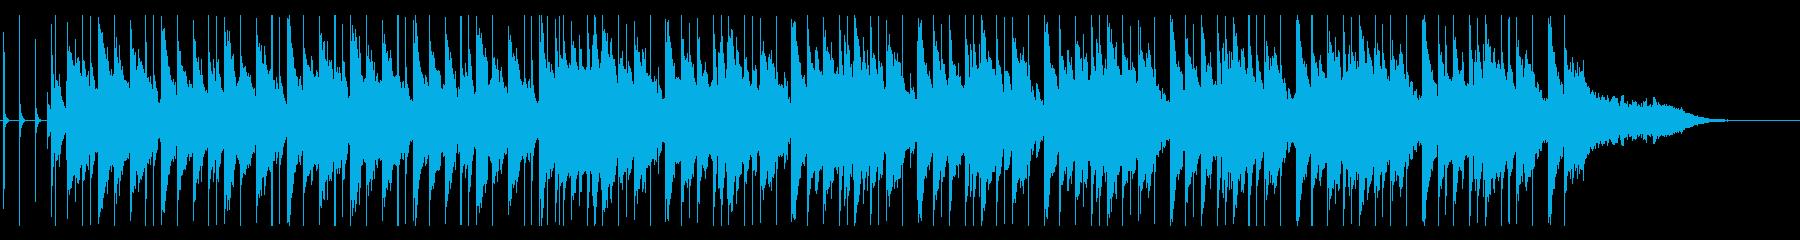 切ない雰囲気のバラードの曲の再生済みの波形